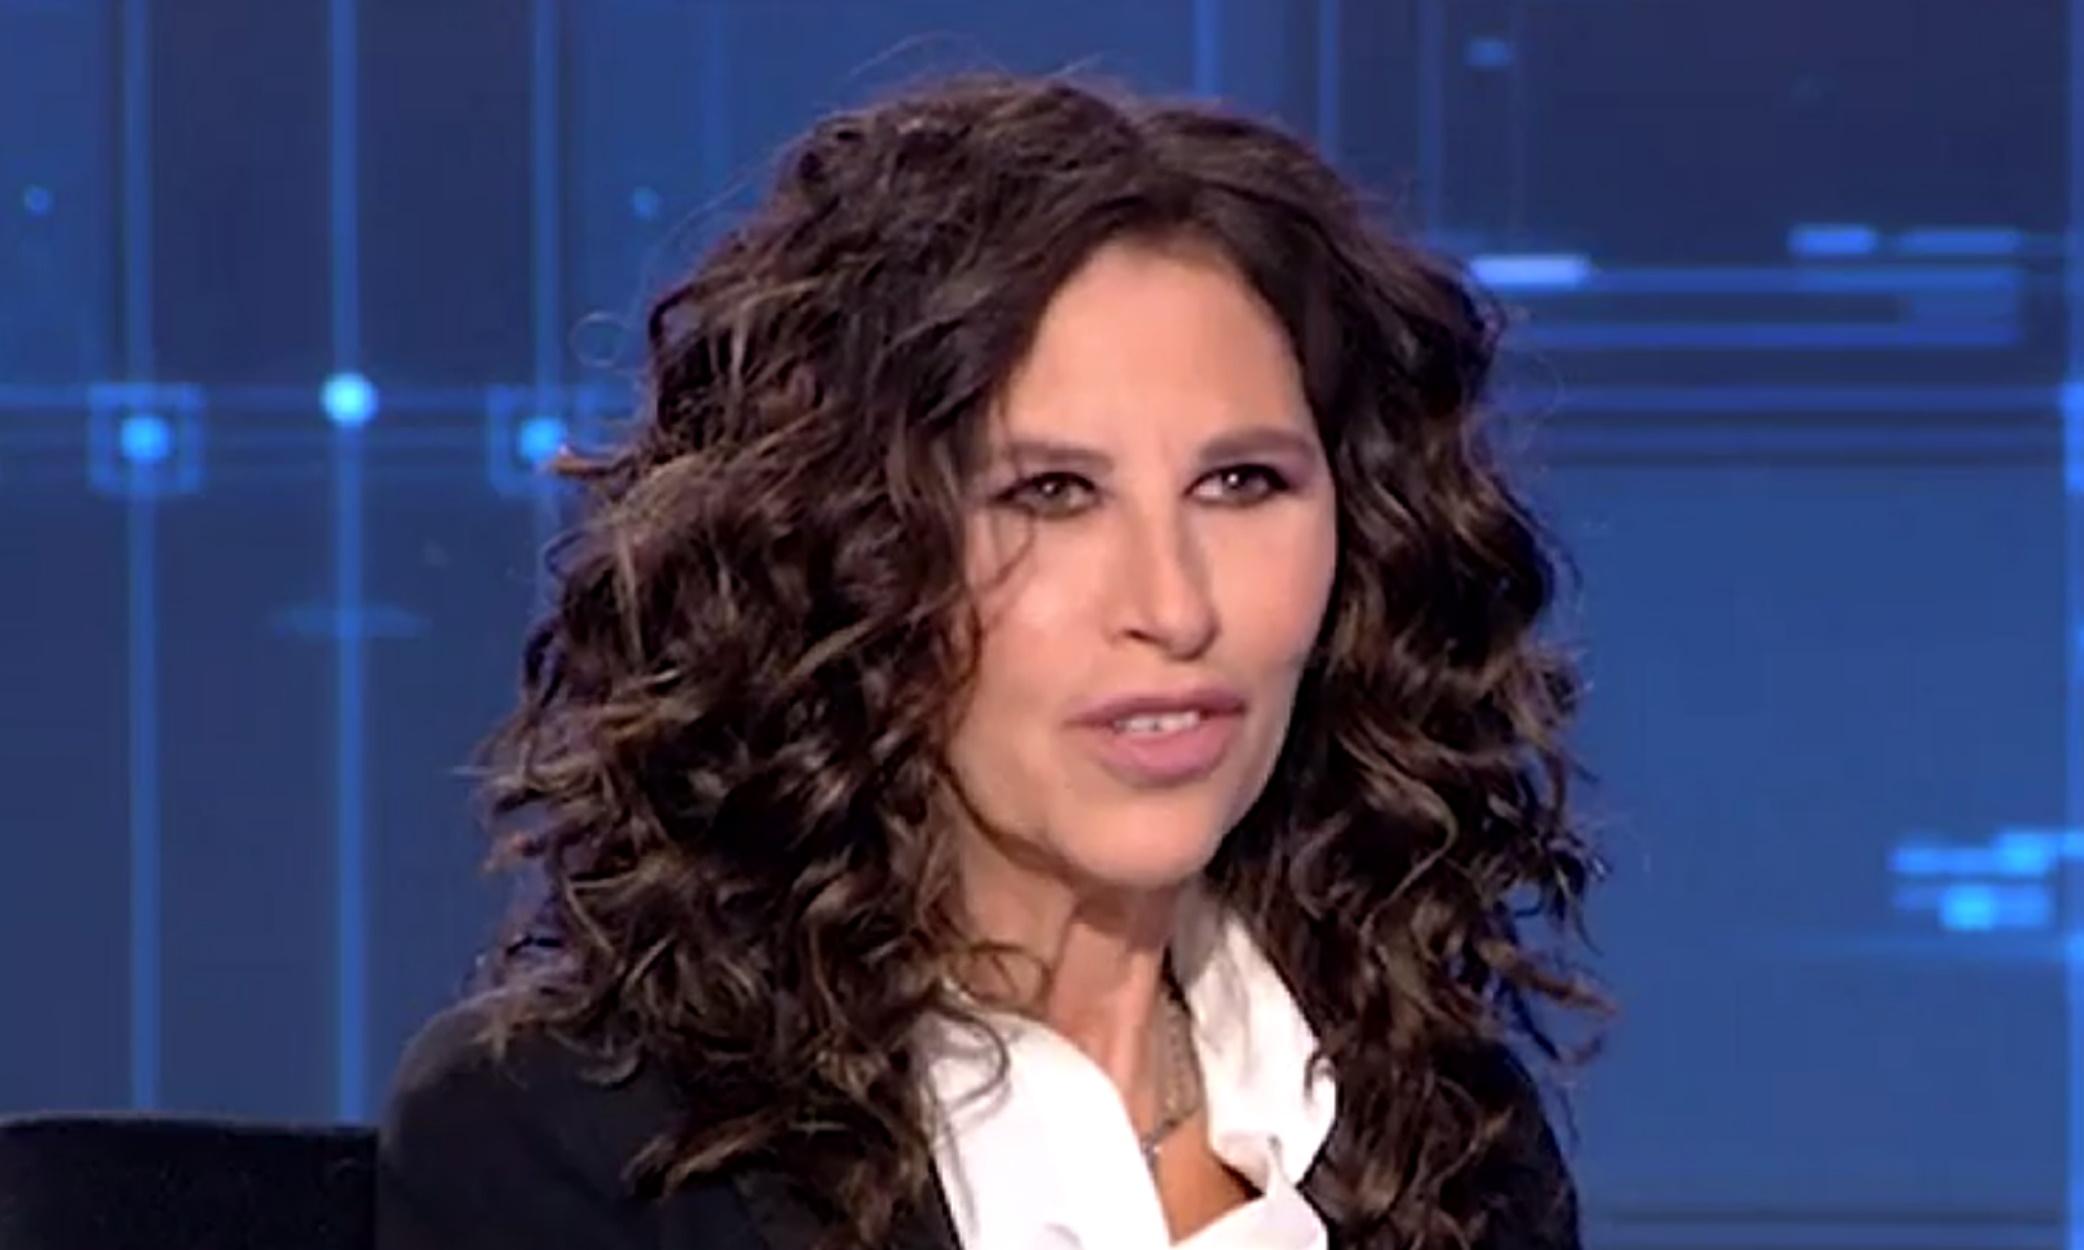 Ελευθερία Αρβανιτάκη: Συγκλονιστική εξομολόγηση για τον πατέρα της